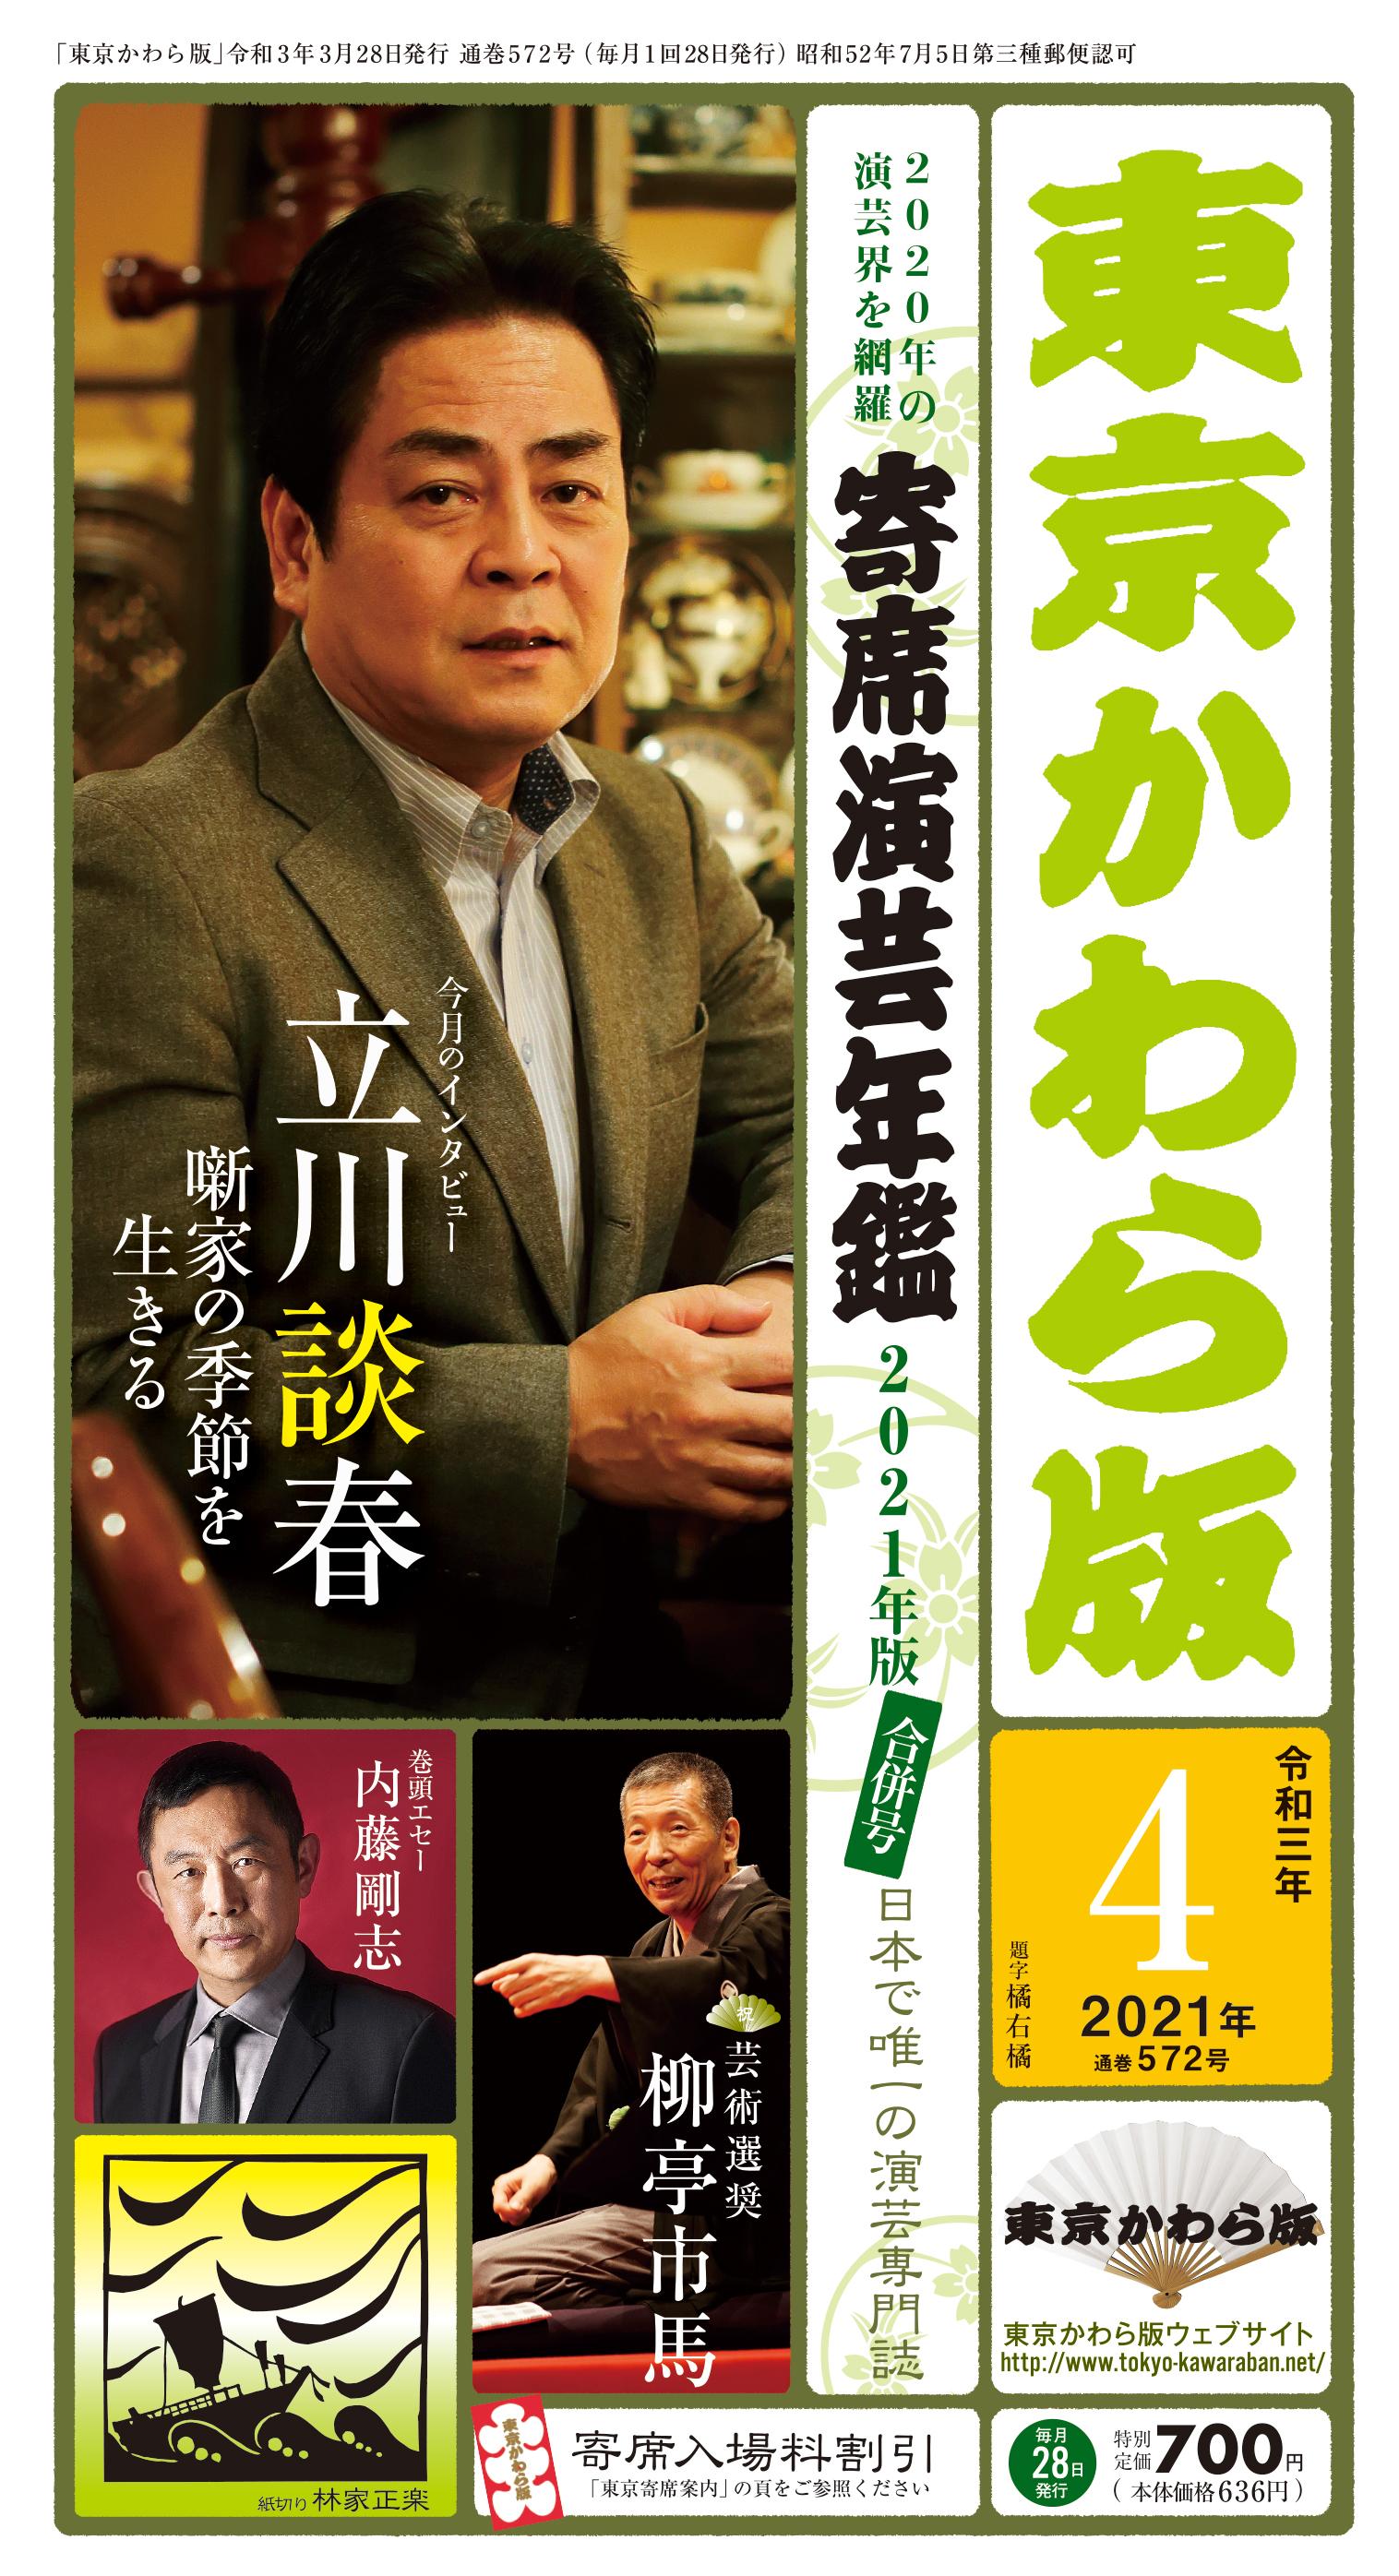 東京かわら版 2021年4月号 特別定価700円